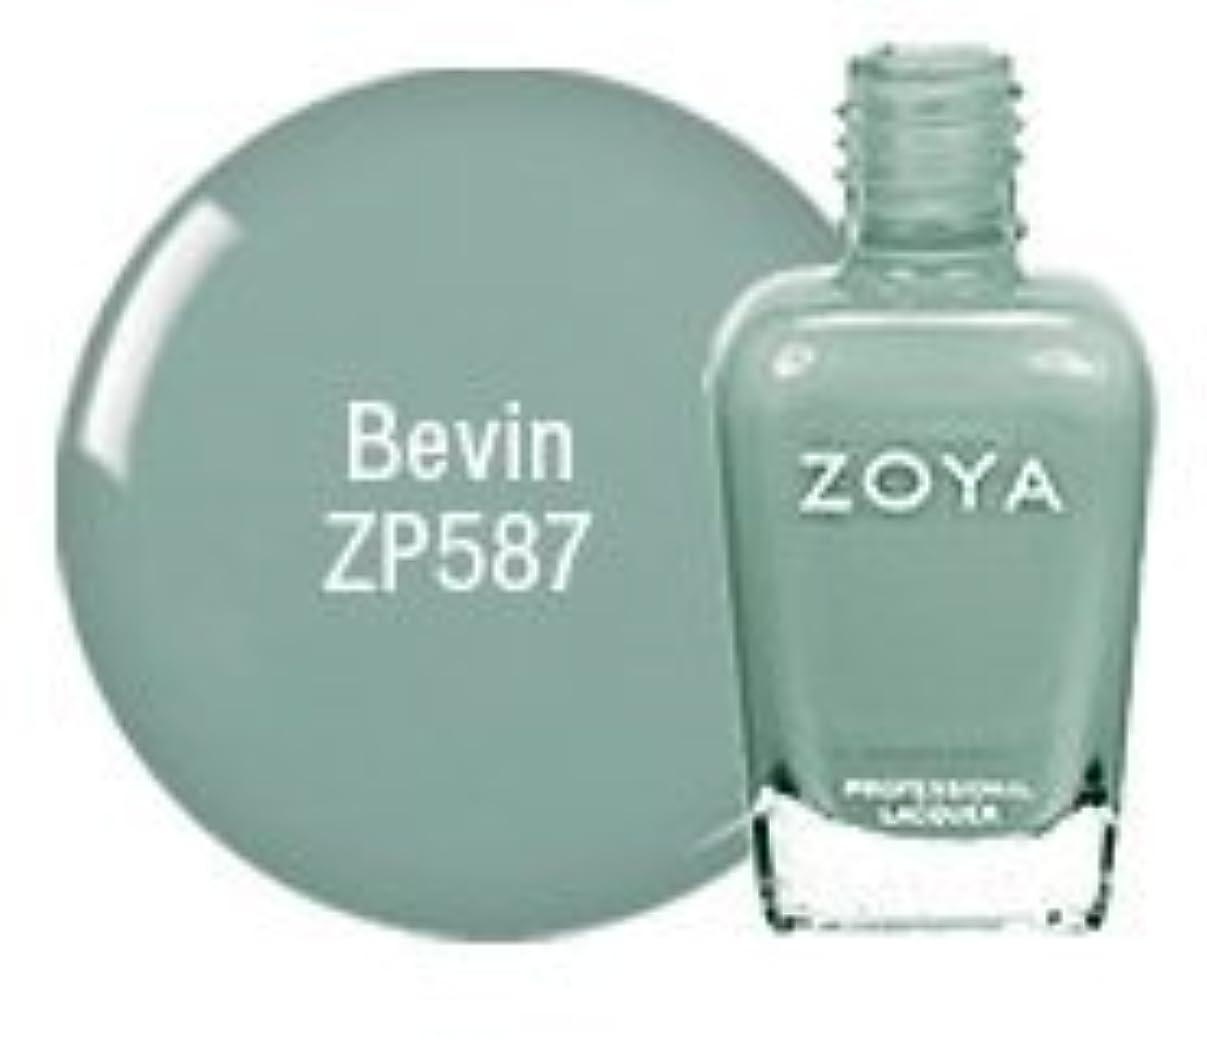 講師デイジー保存[Zoya] ZP587 べビン [True Collection][並行輸入品][海外直送品]